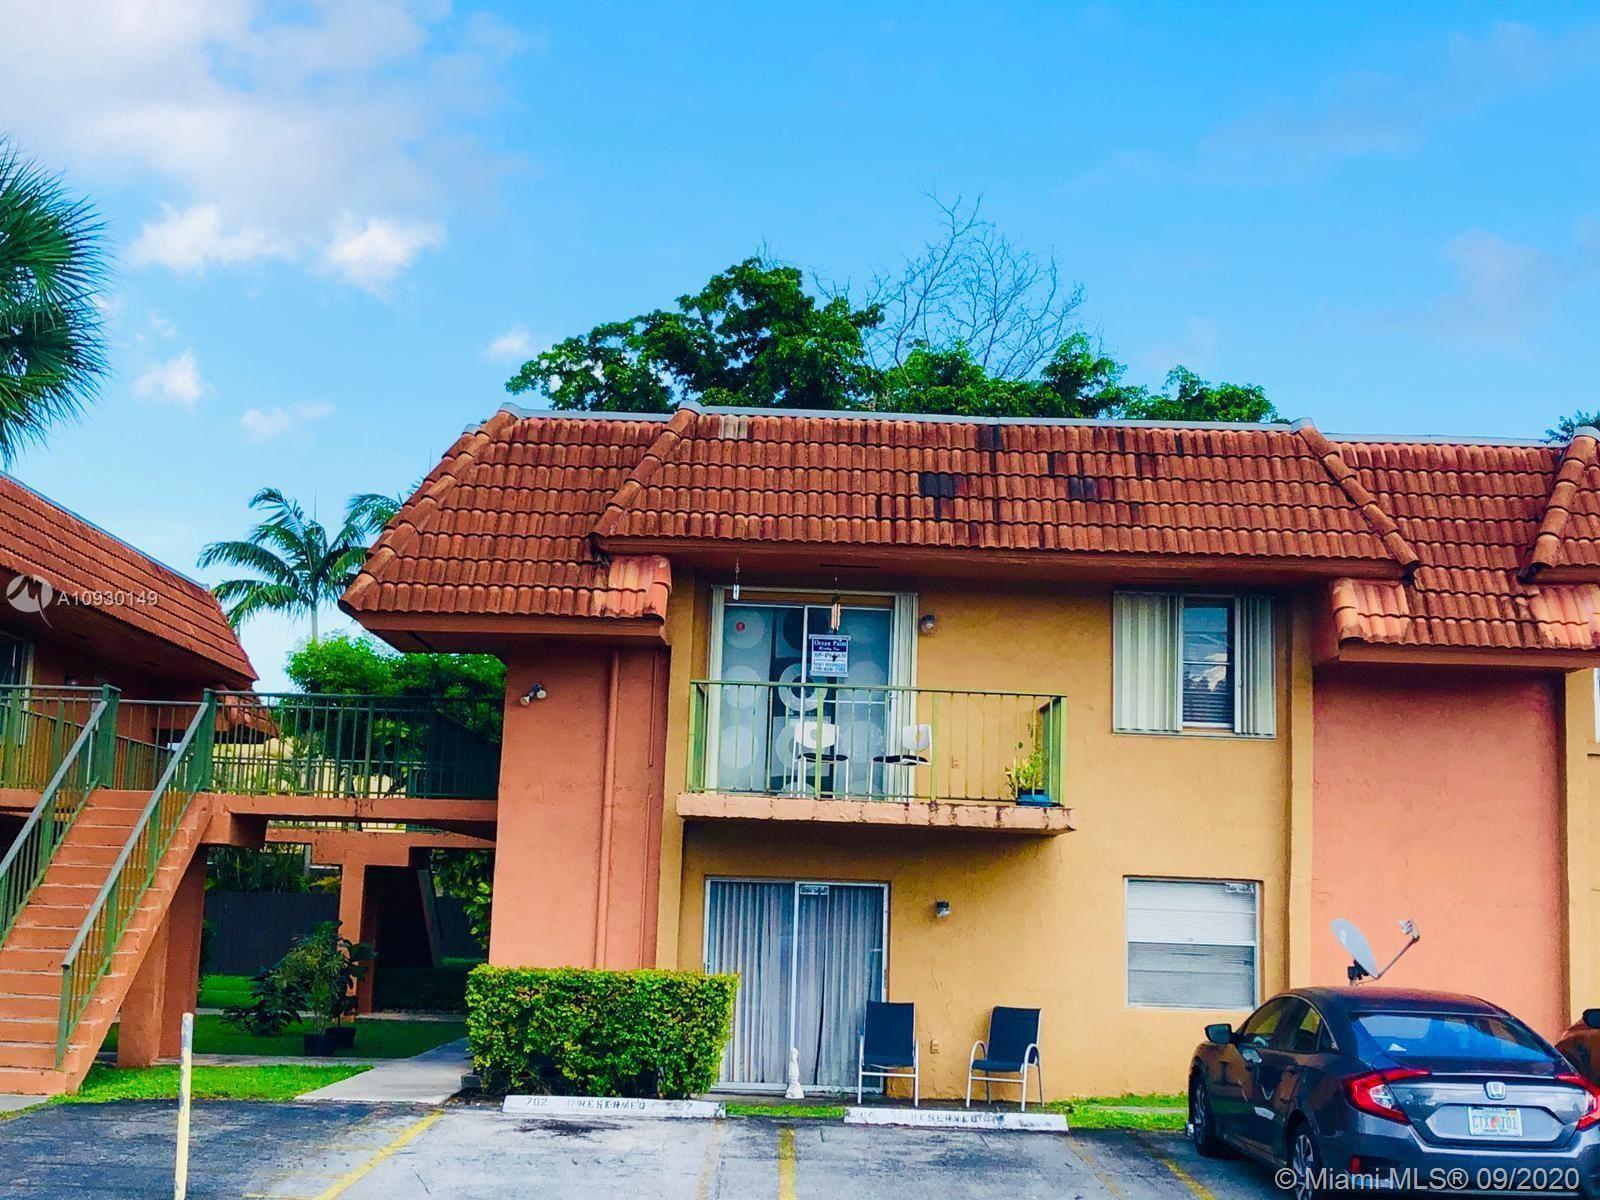 7001 SW 129th Ave #6, Miami, FL 33183 - #: A10930149